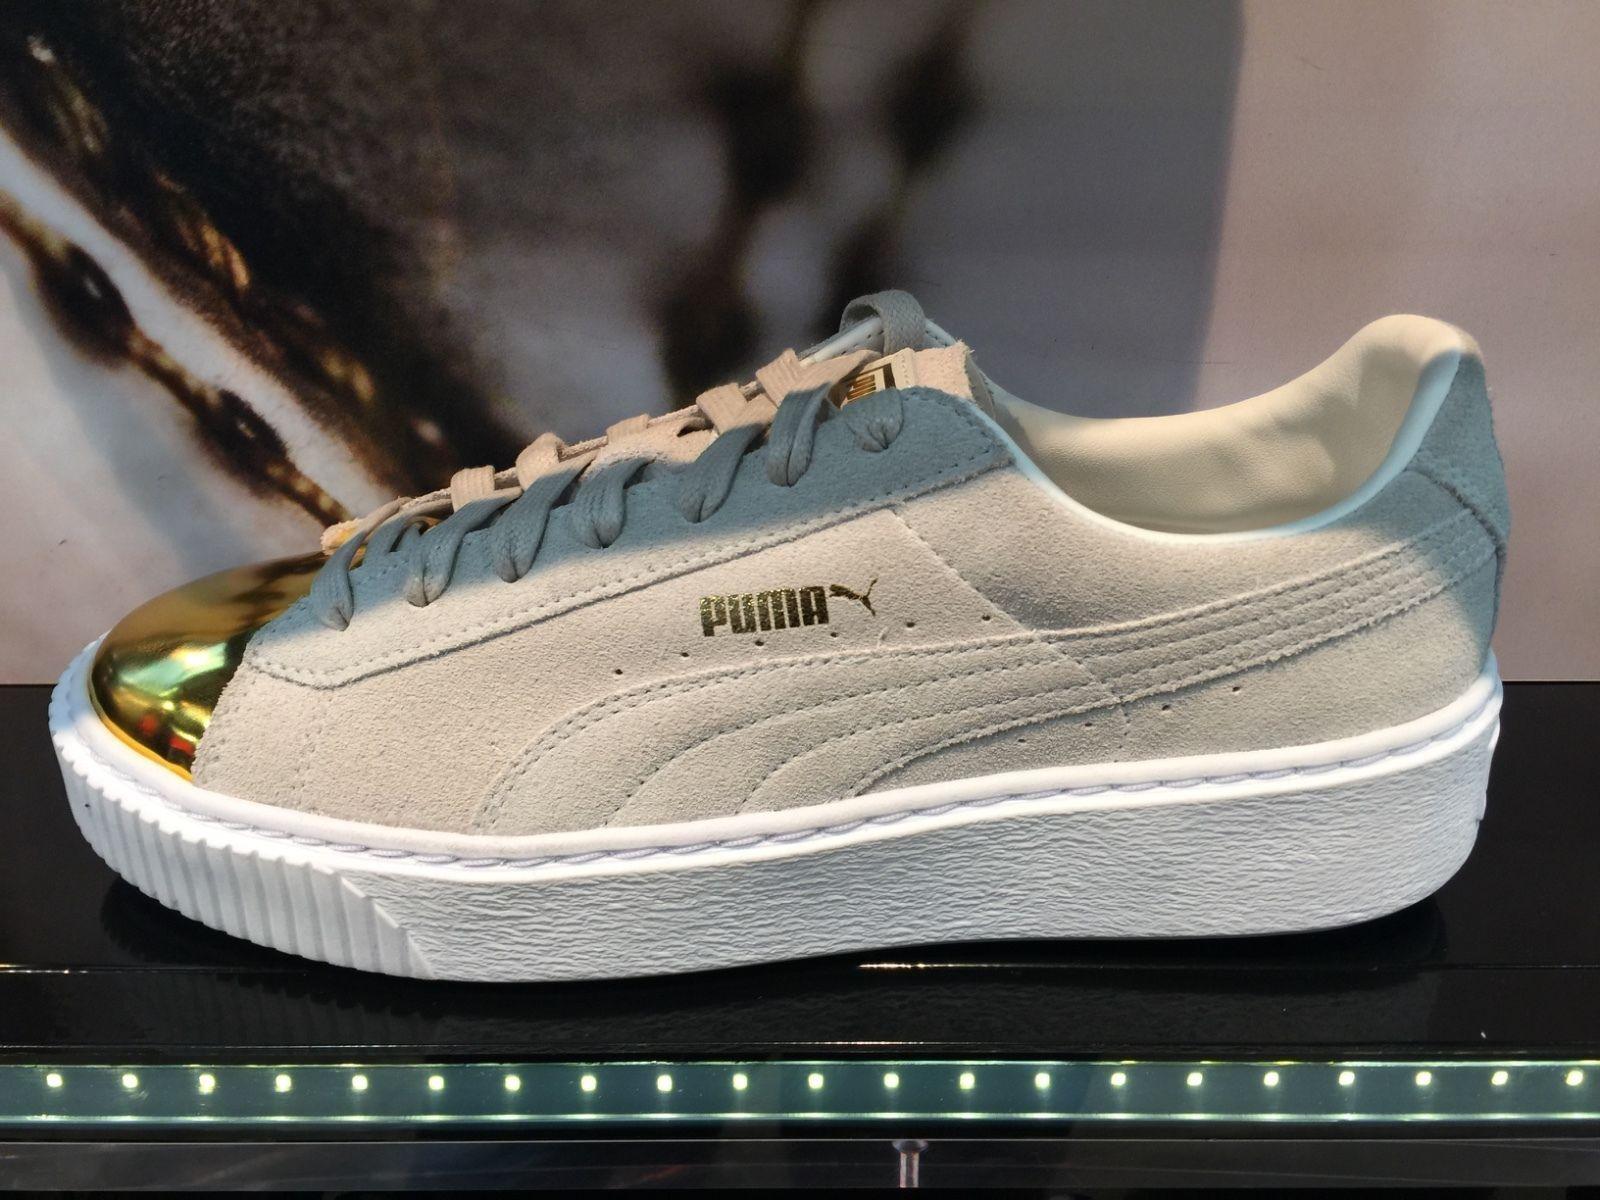 6c8923af40e Puma Platform Suede White Gold Toe Creeper Metallic Rihanna Fenty Women 6-11